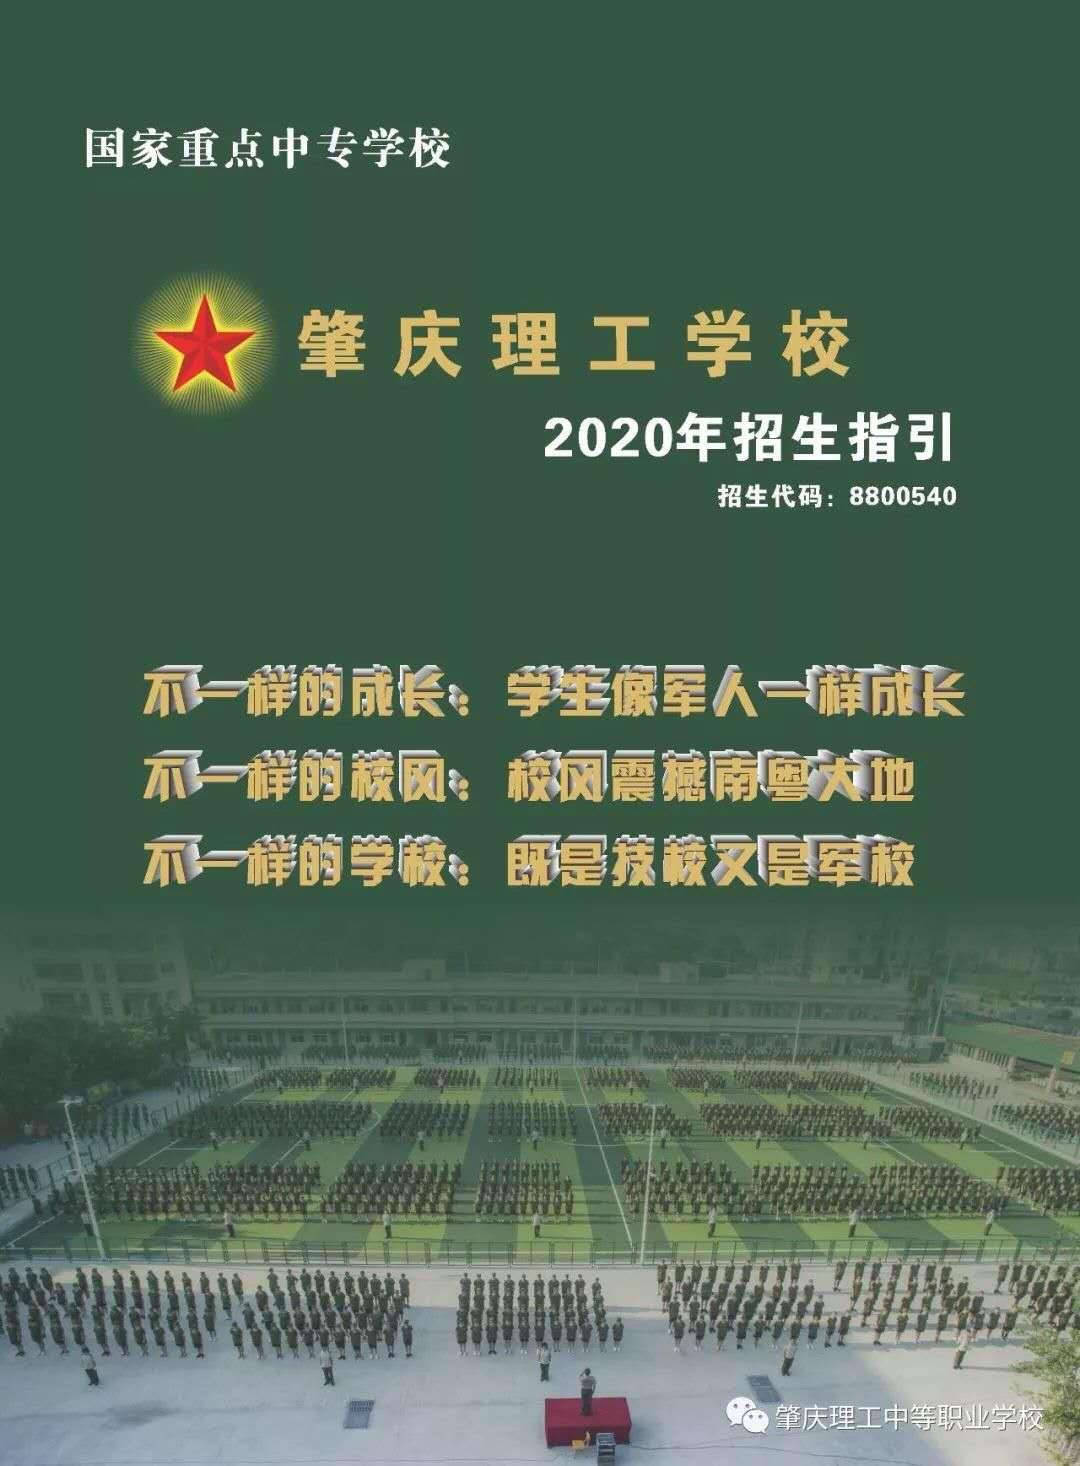 肇慶理工學校2020年招生簡章